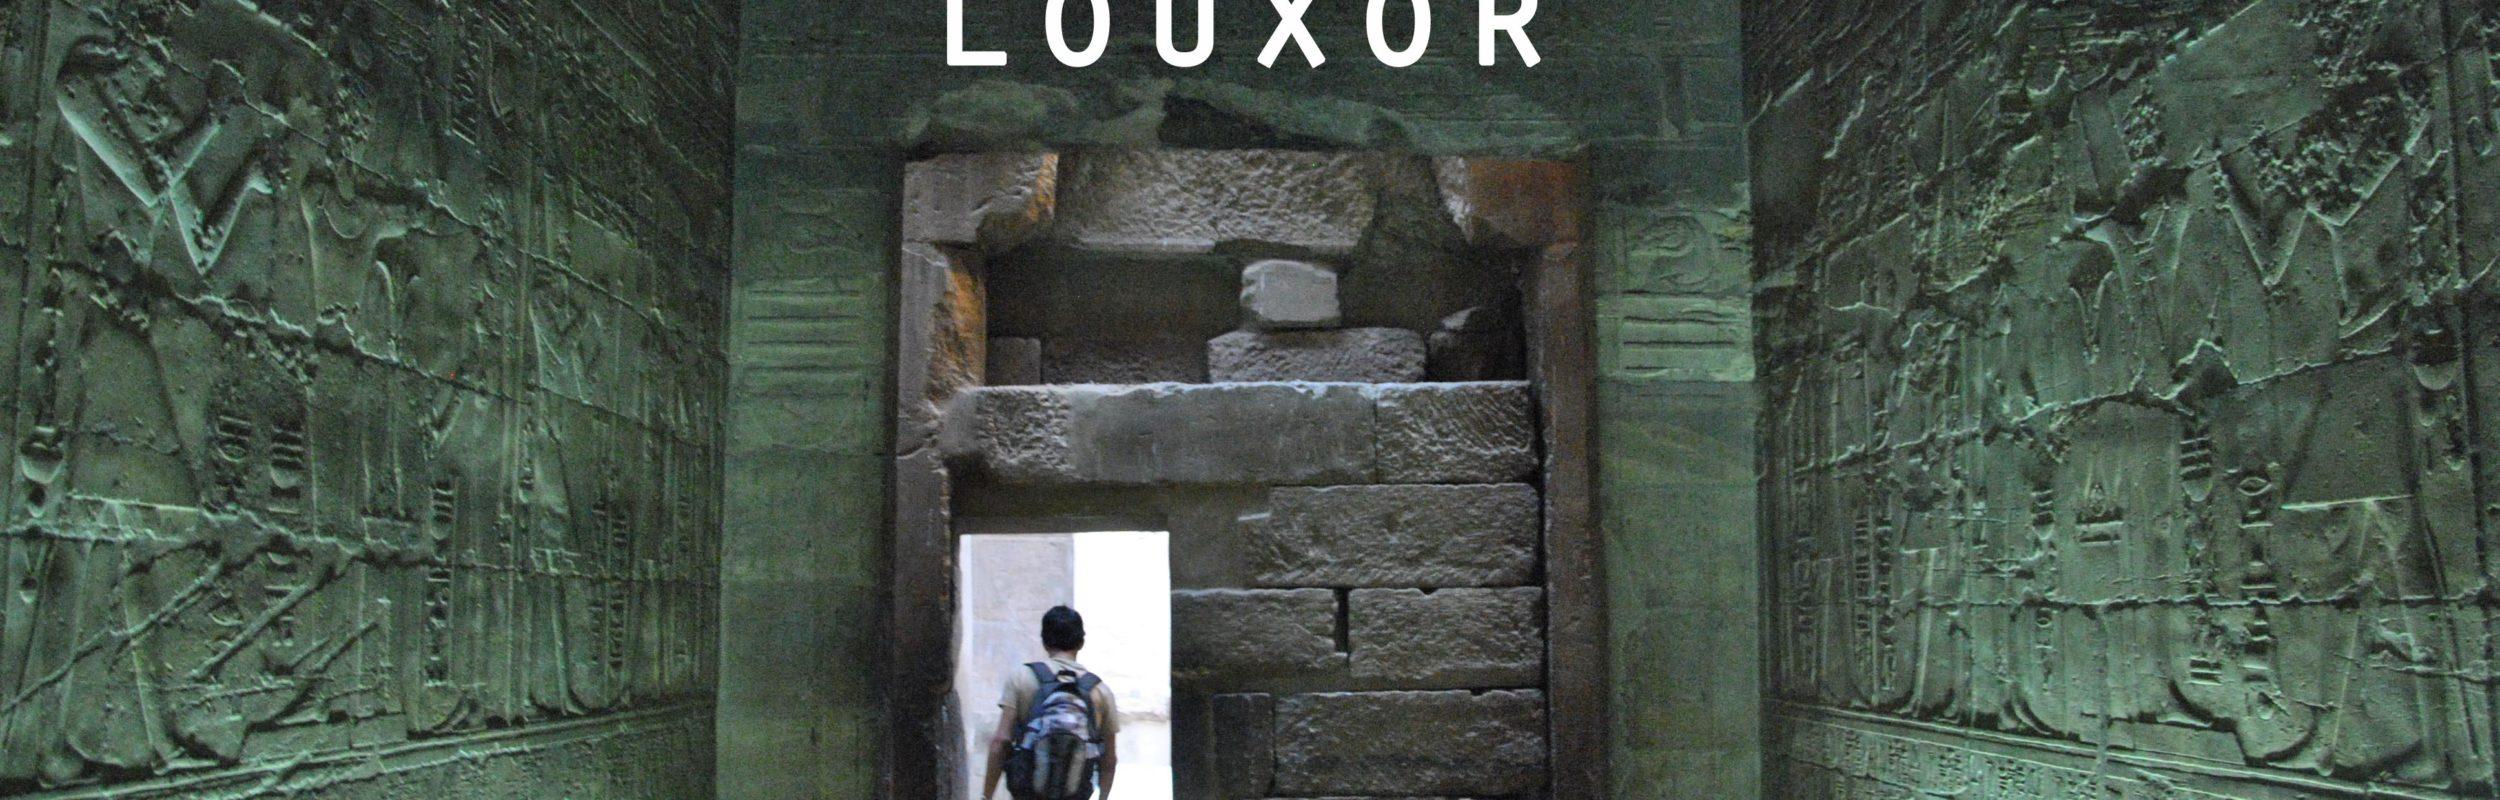 Egypte : Louxor, j'adore